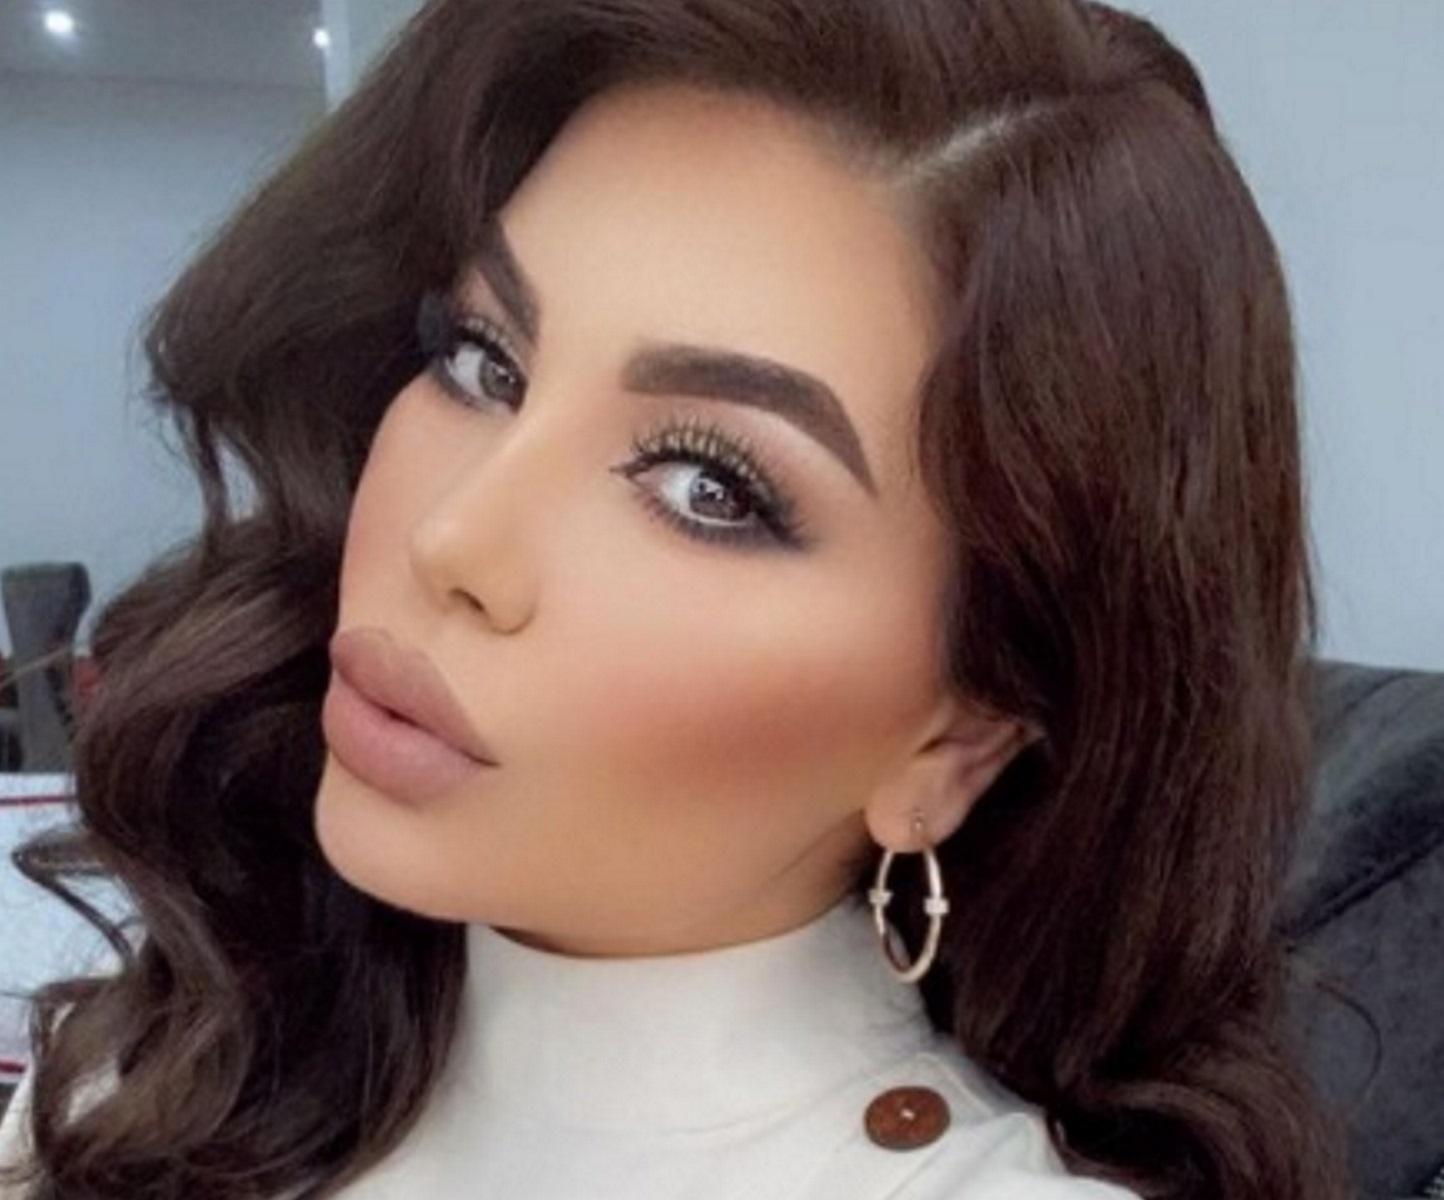 Διάσημη τραγουδίστρια του Αφγανιστάν διέφυγε στην Τουρκία